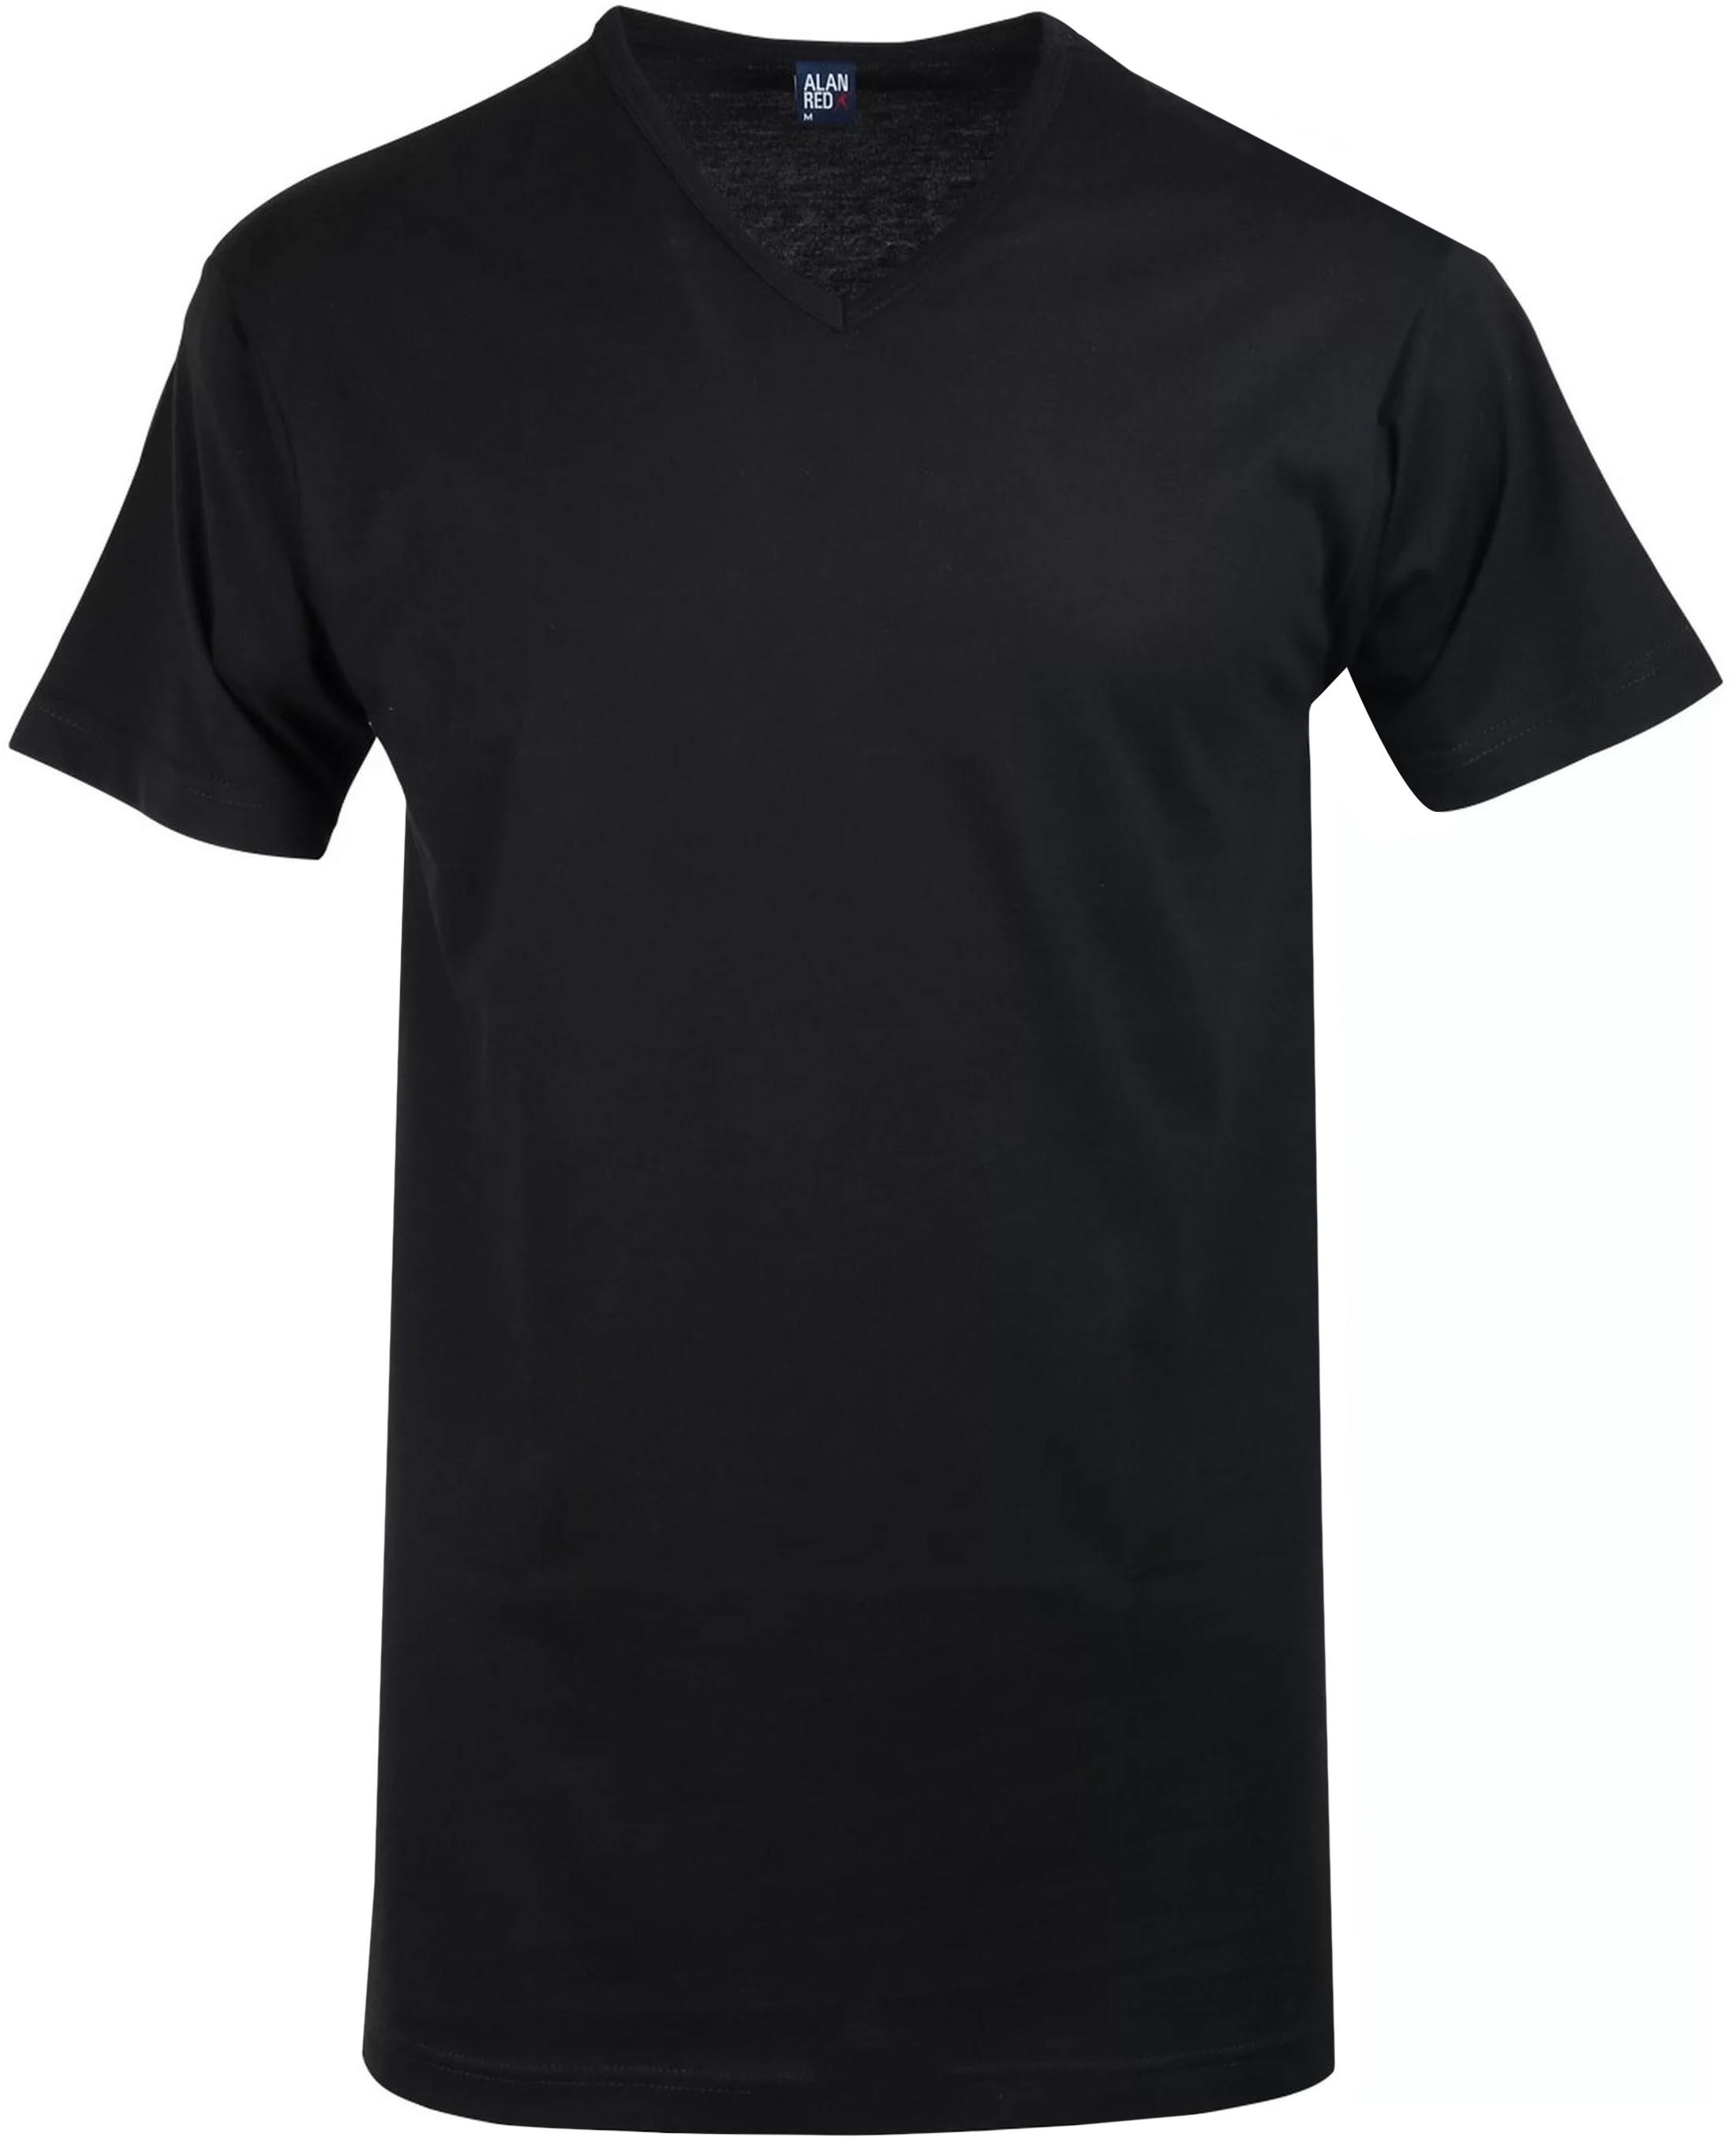 Alan Red T-Shirt V-Ausschnitt Vermont Schwarz (1er-Pack) foto 0